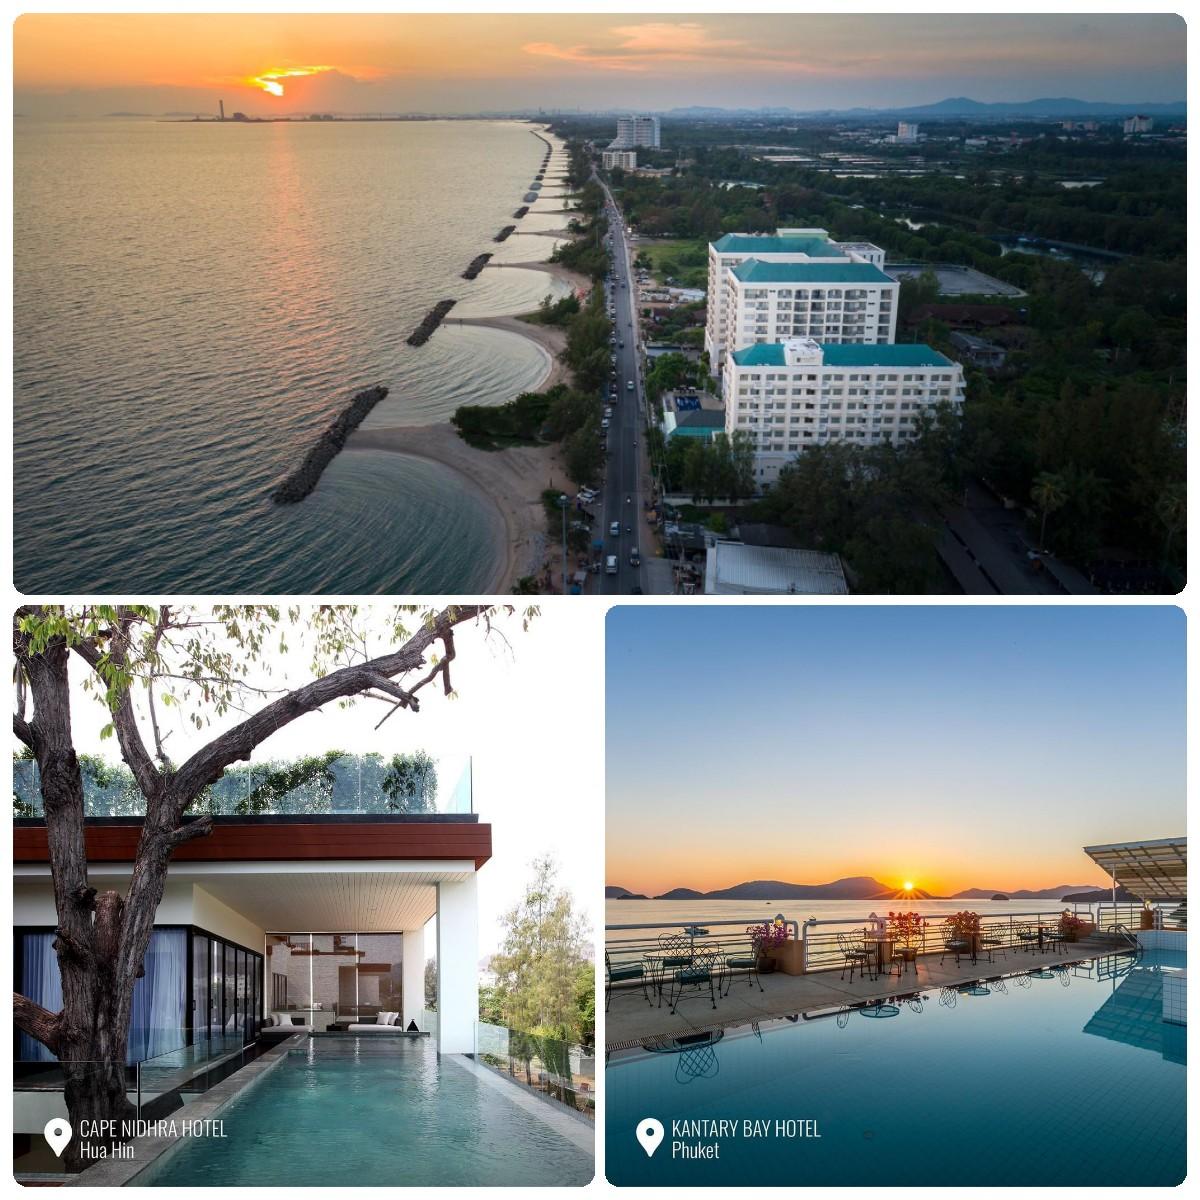 โรงแรมในเครือเคป แอนด์ แคนทารี โฮเทลส์ ทั้ง 23 แห่งทั่วประเทศไทย